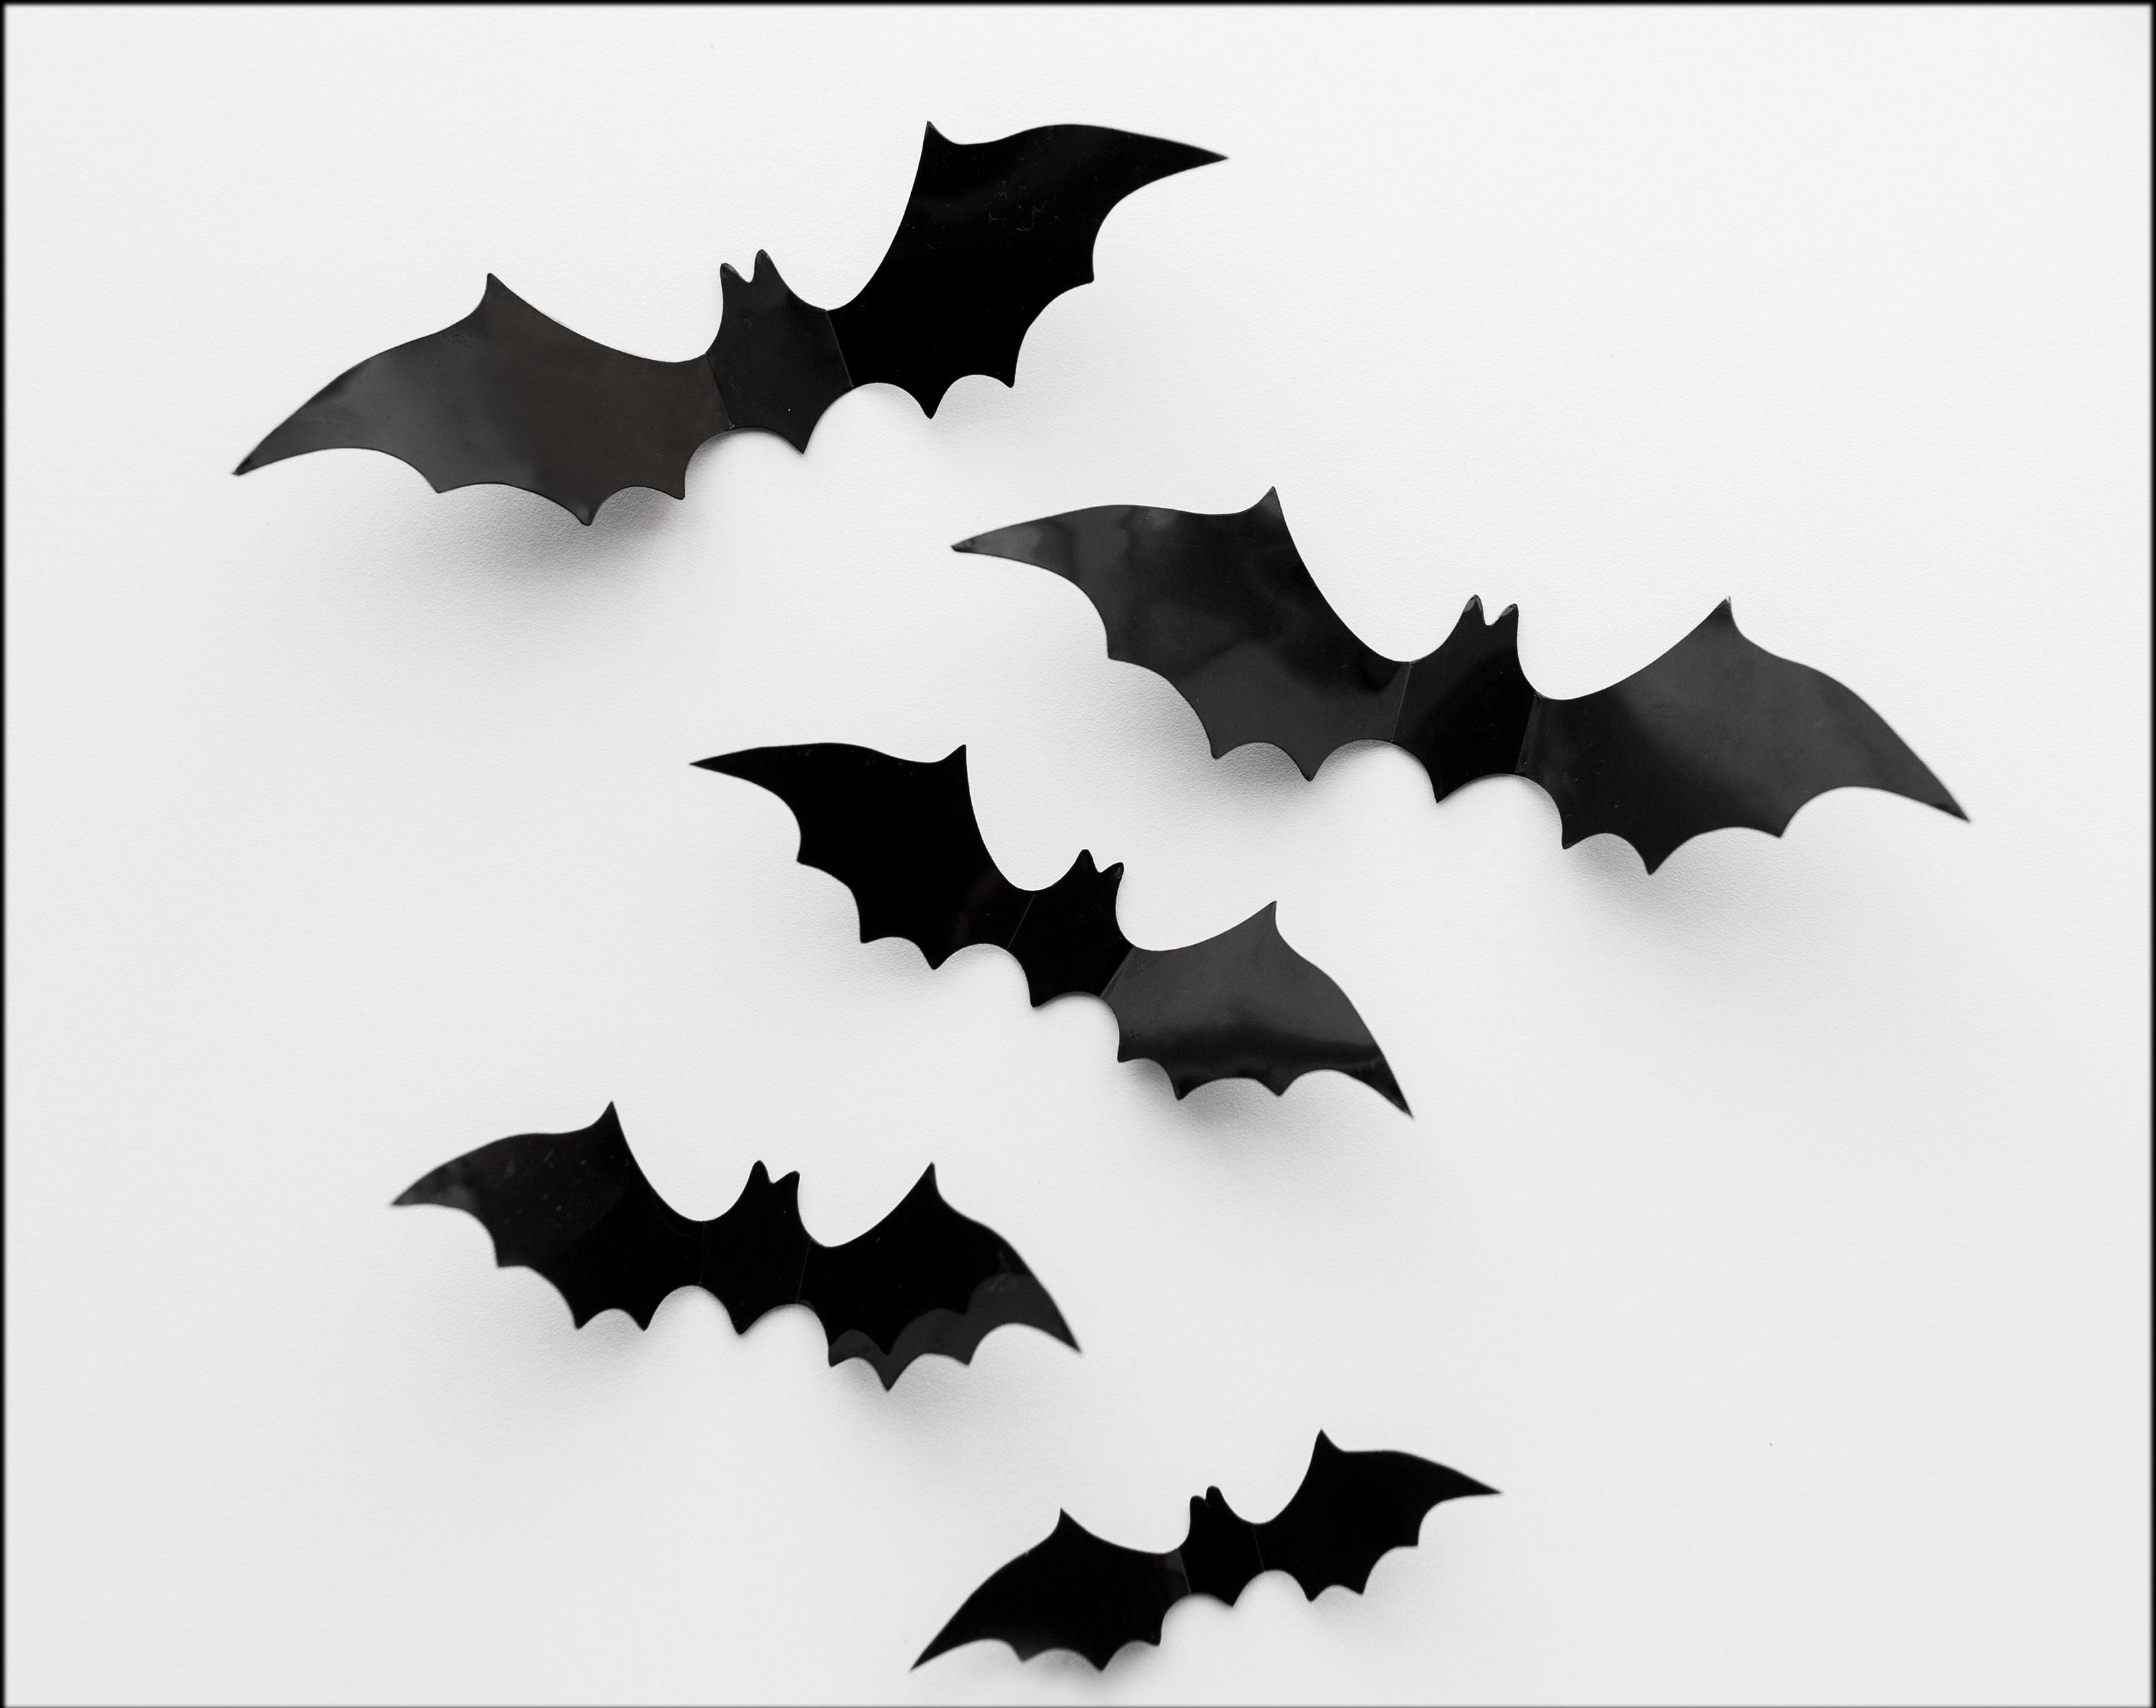 5 Bats